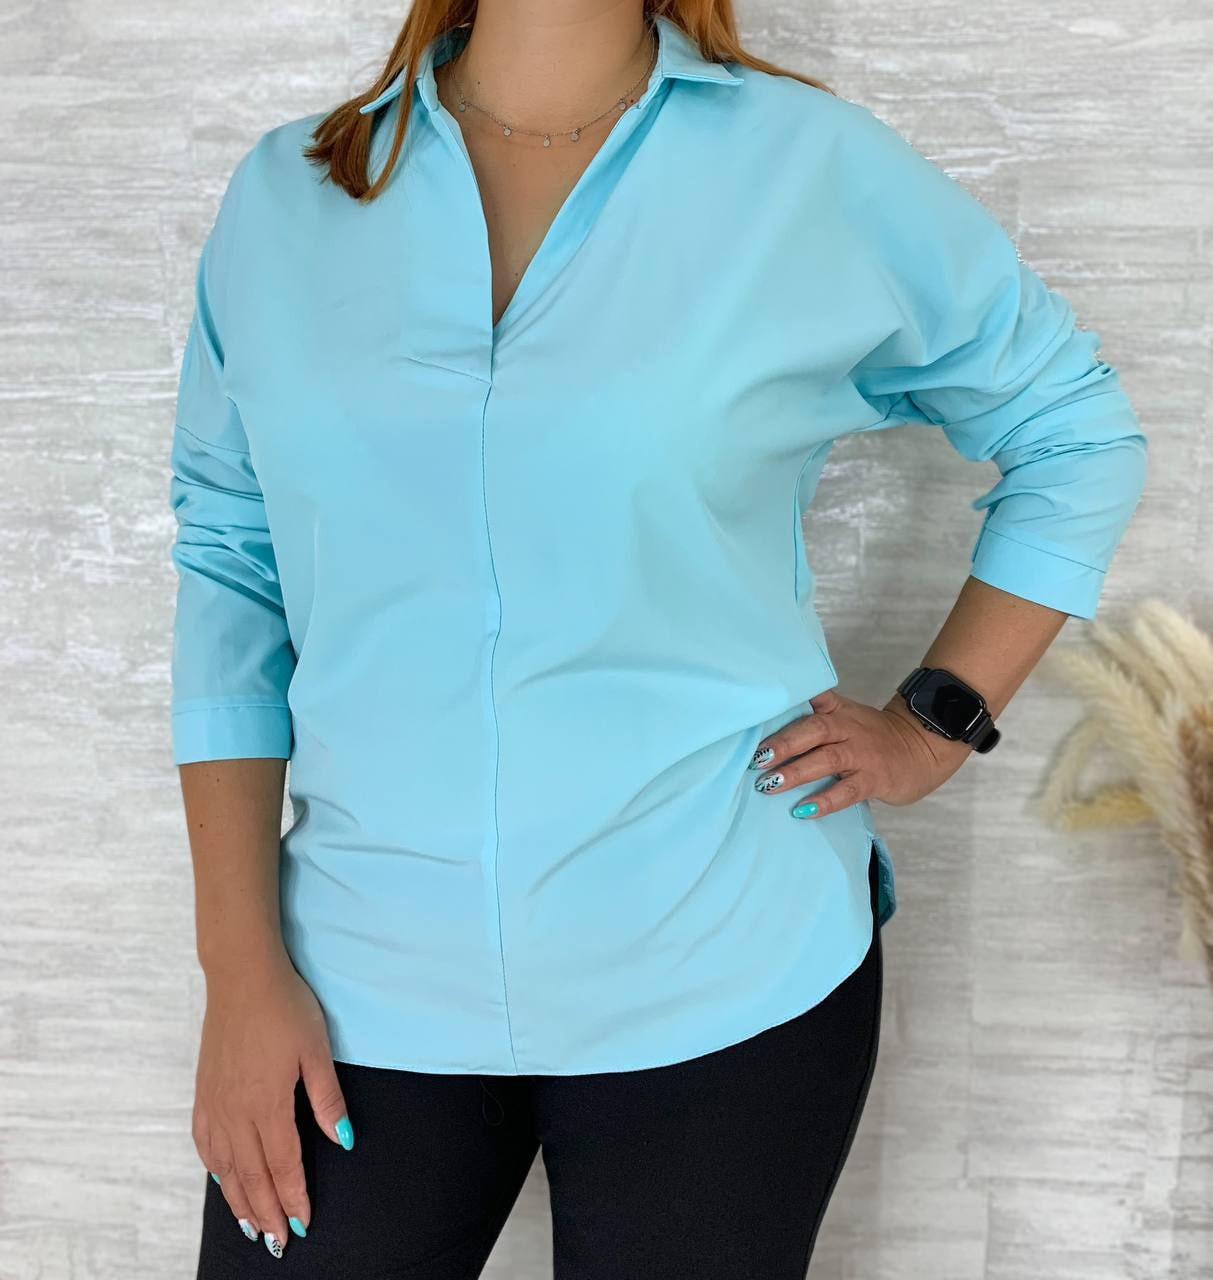 Жіноча блузка великого розміру з коміром